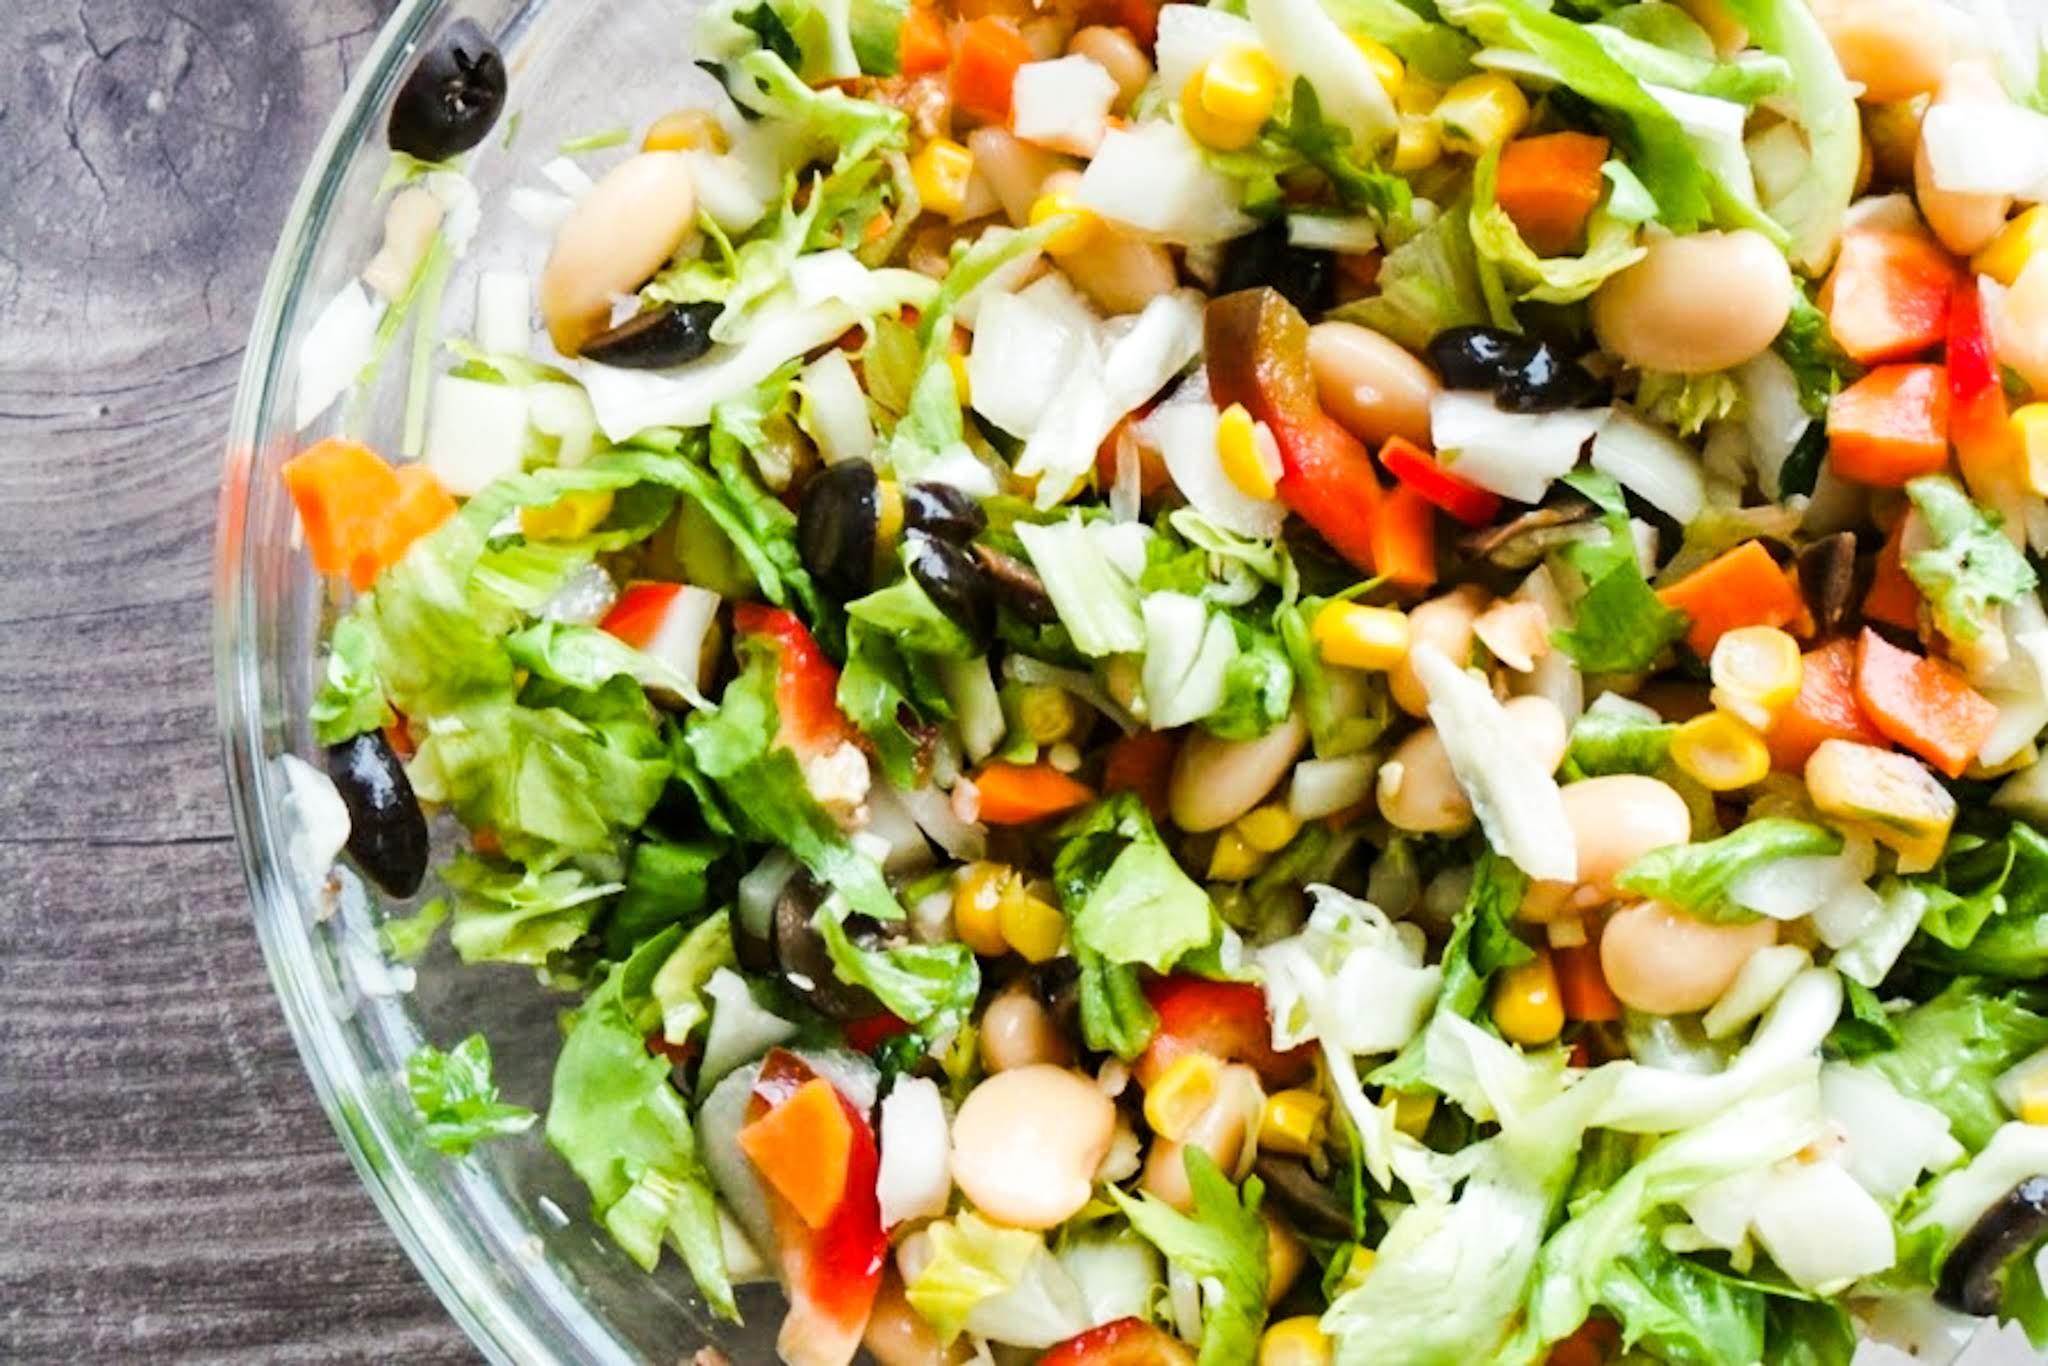 8 minute high fiber salad recipe - healthy vegetarian salad recipe